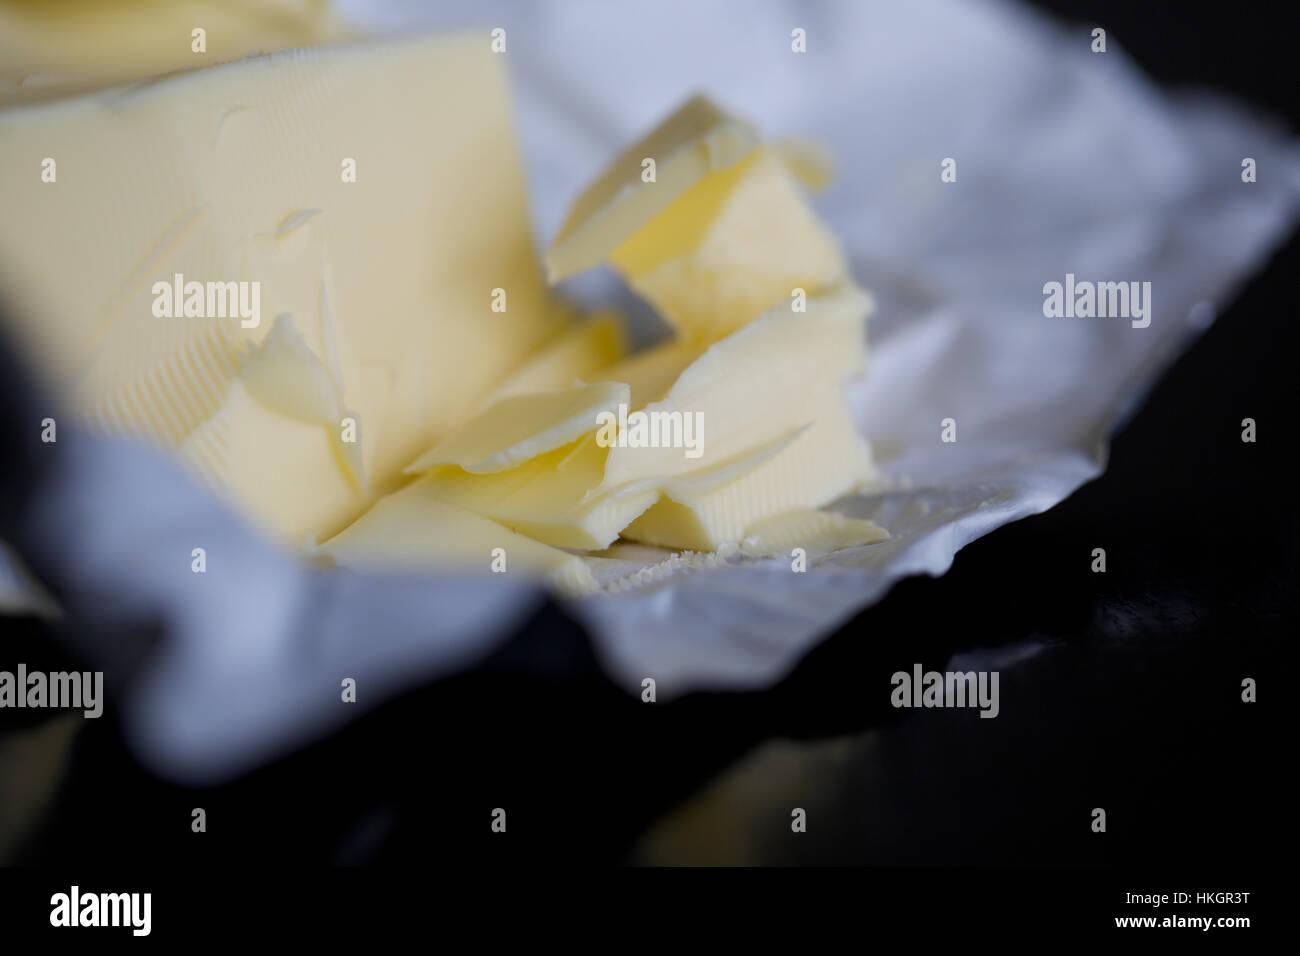 Beurre sur du papier d'emballage. produits laitiers, matières grasses, produits frais, de l'alimentation. Photo Stock